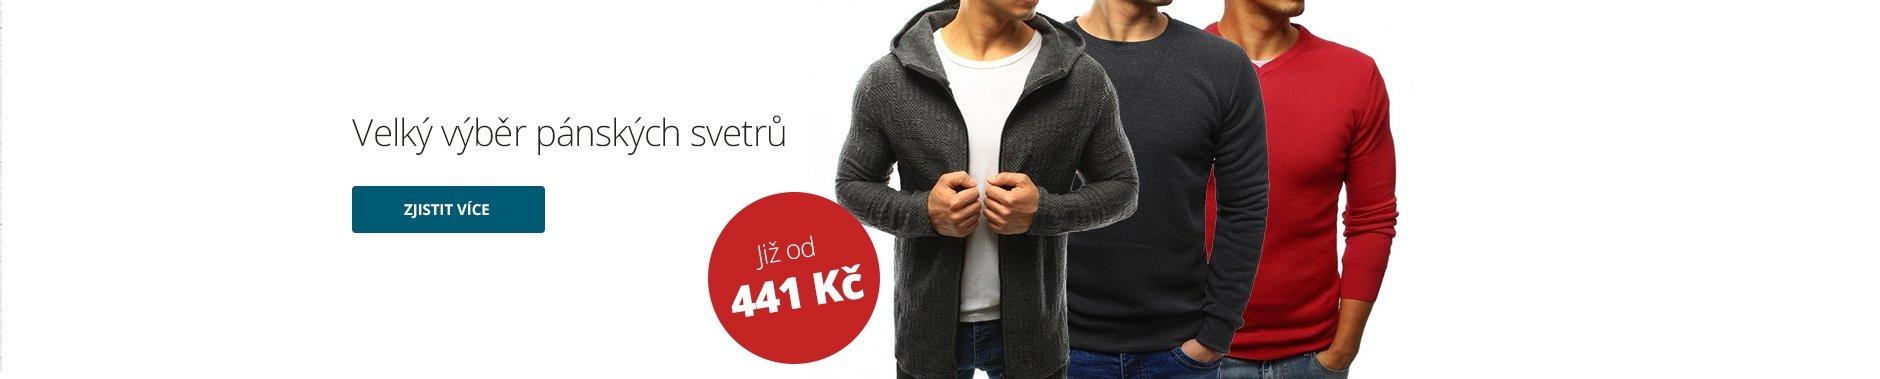 Envanto.cz